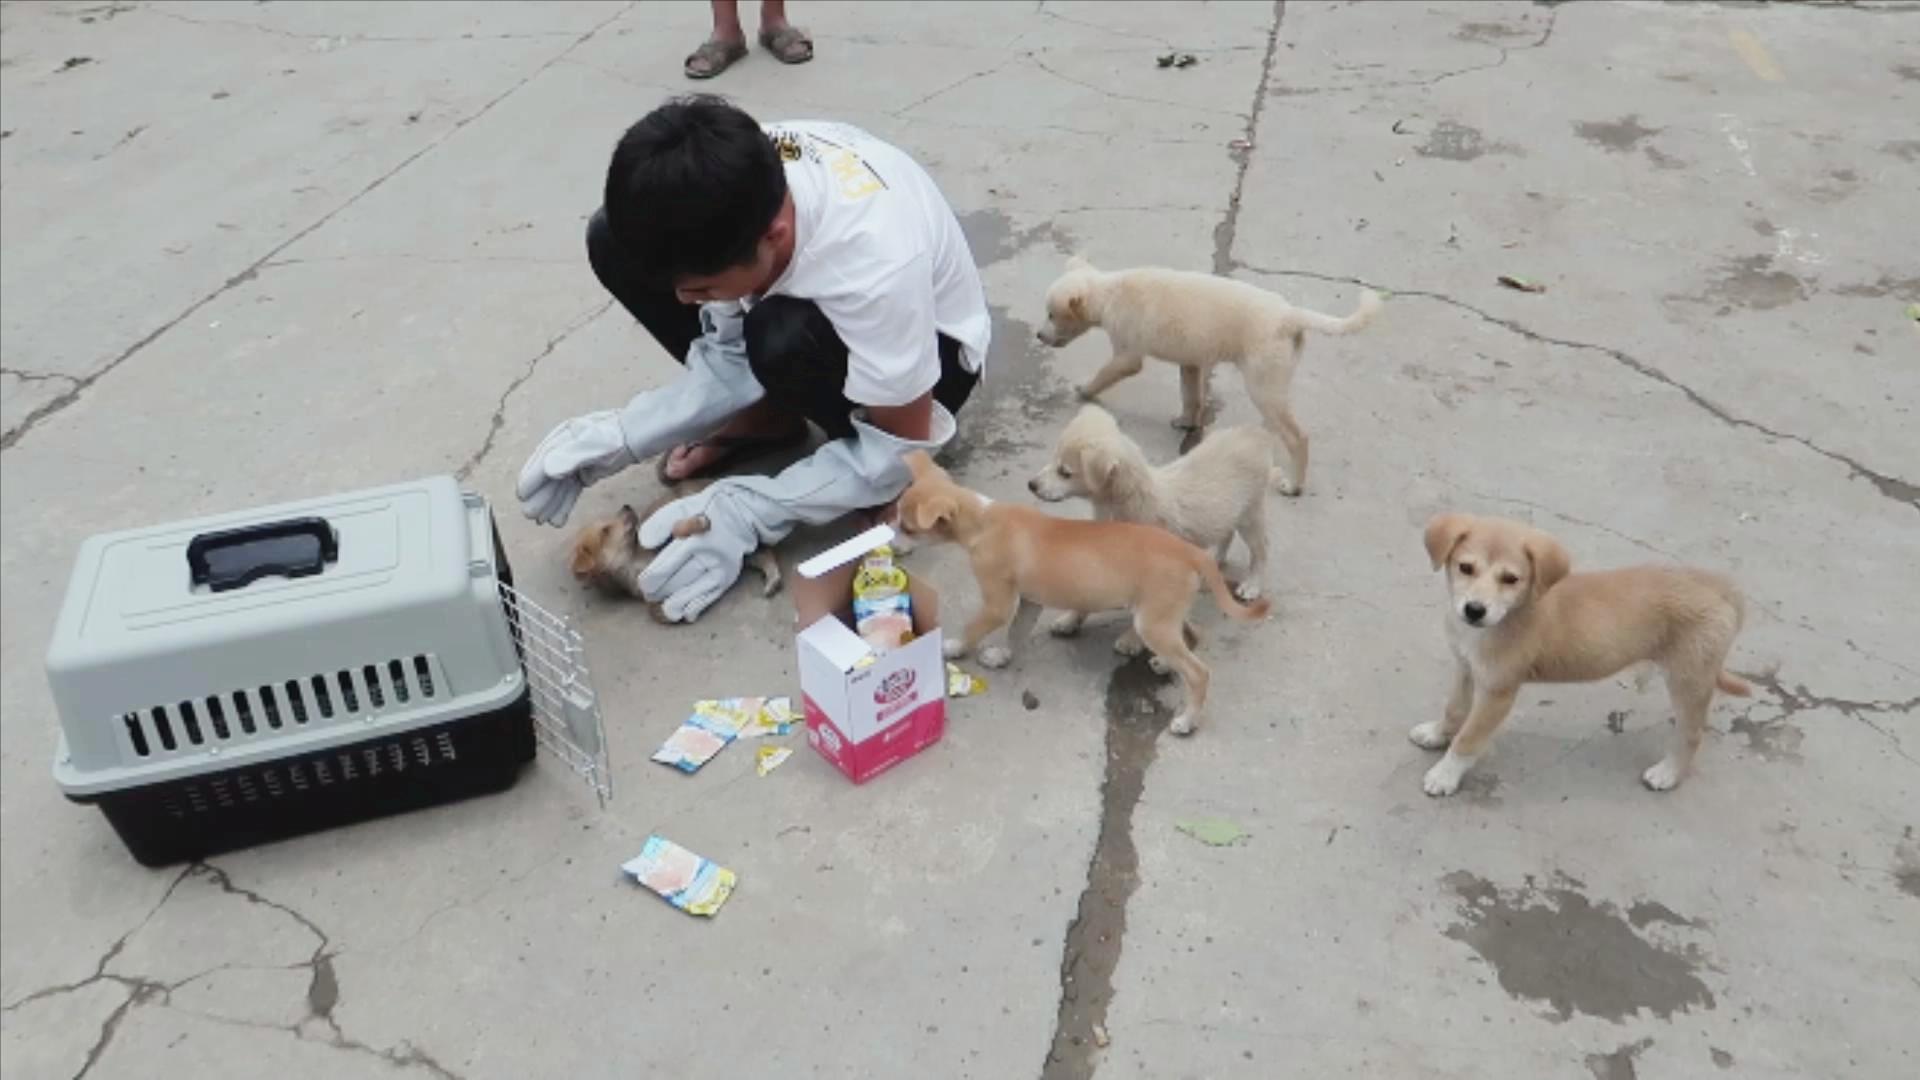 破纪录了,在菜市场捡了5只小狗,非要跟着我们走